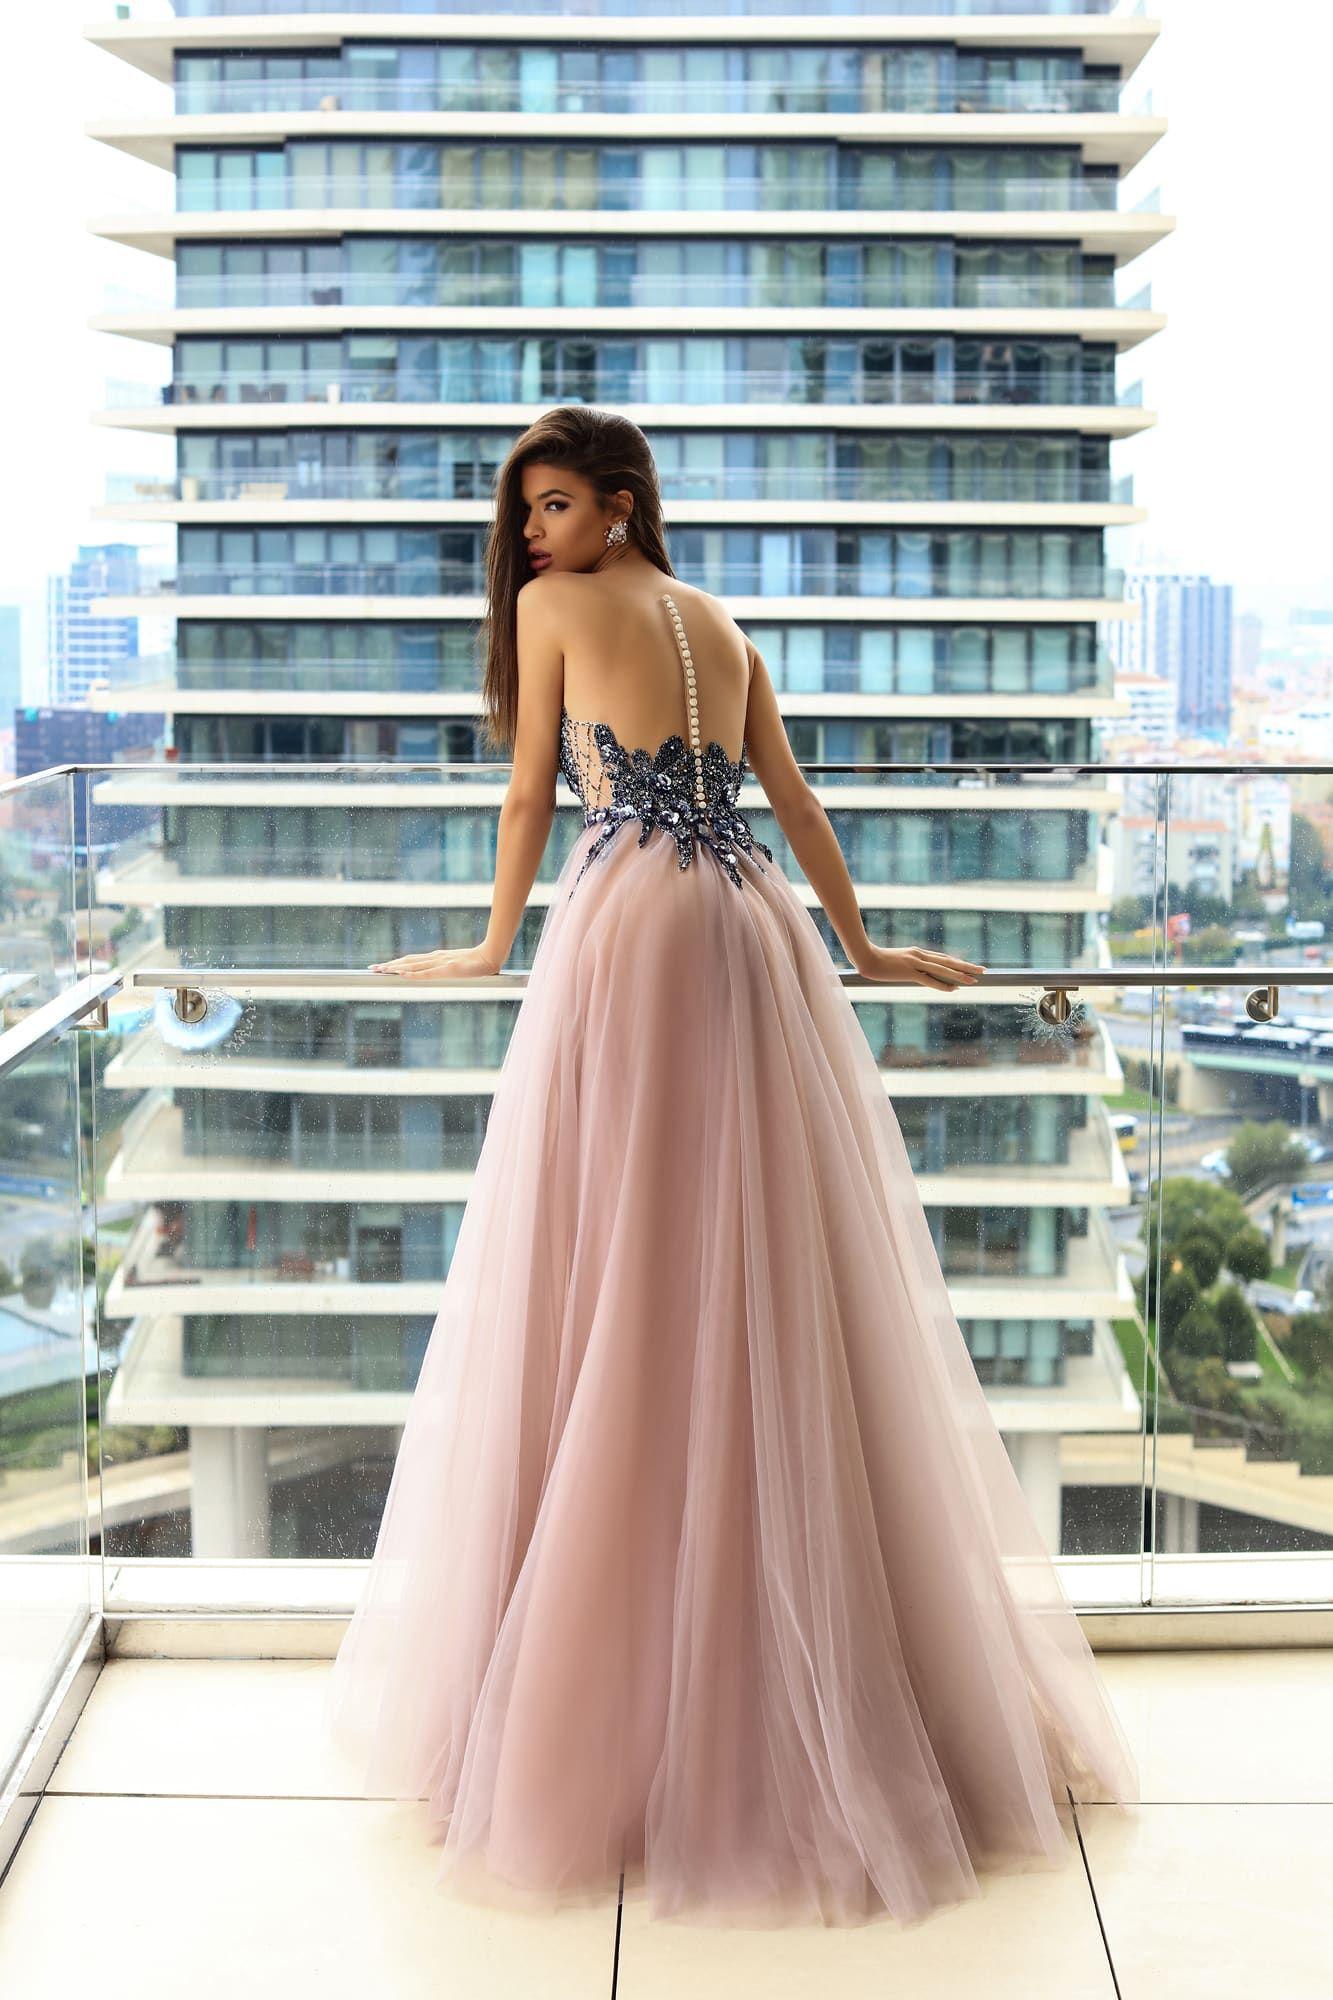 620502521842 Вечернее платье Daria Karlozi Vega ▷ Свадебный Торговый Центр Вега в Москве